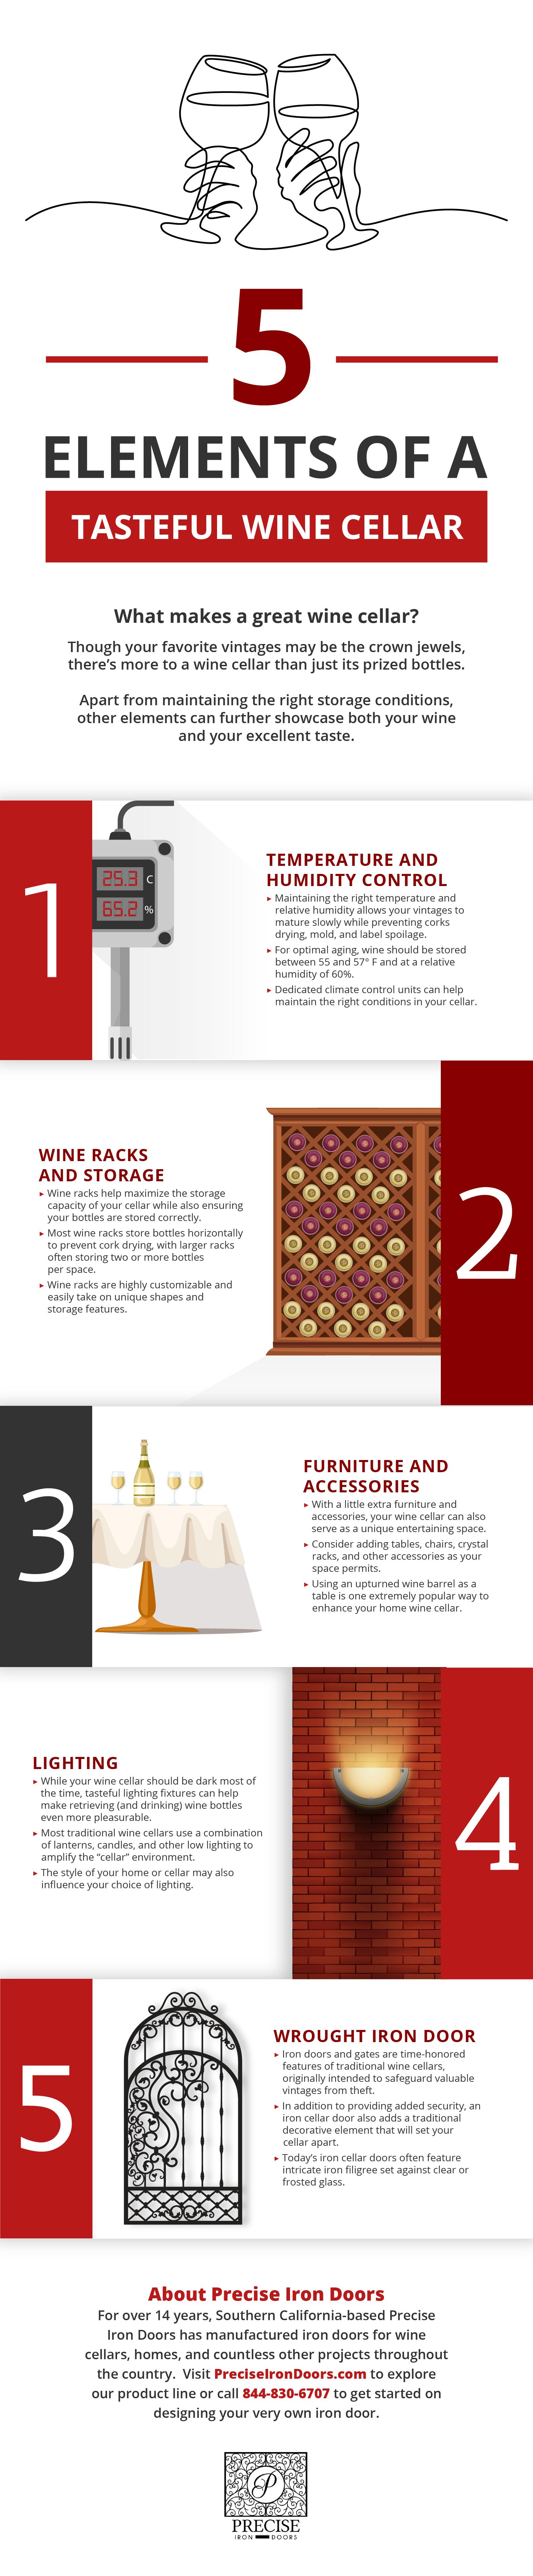 Tasteful Wine Cellar Infographic